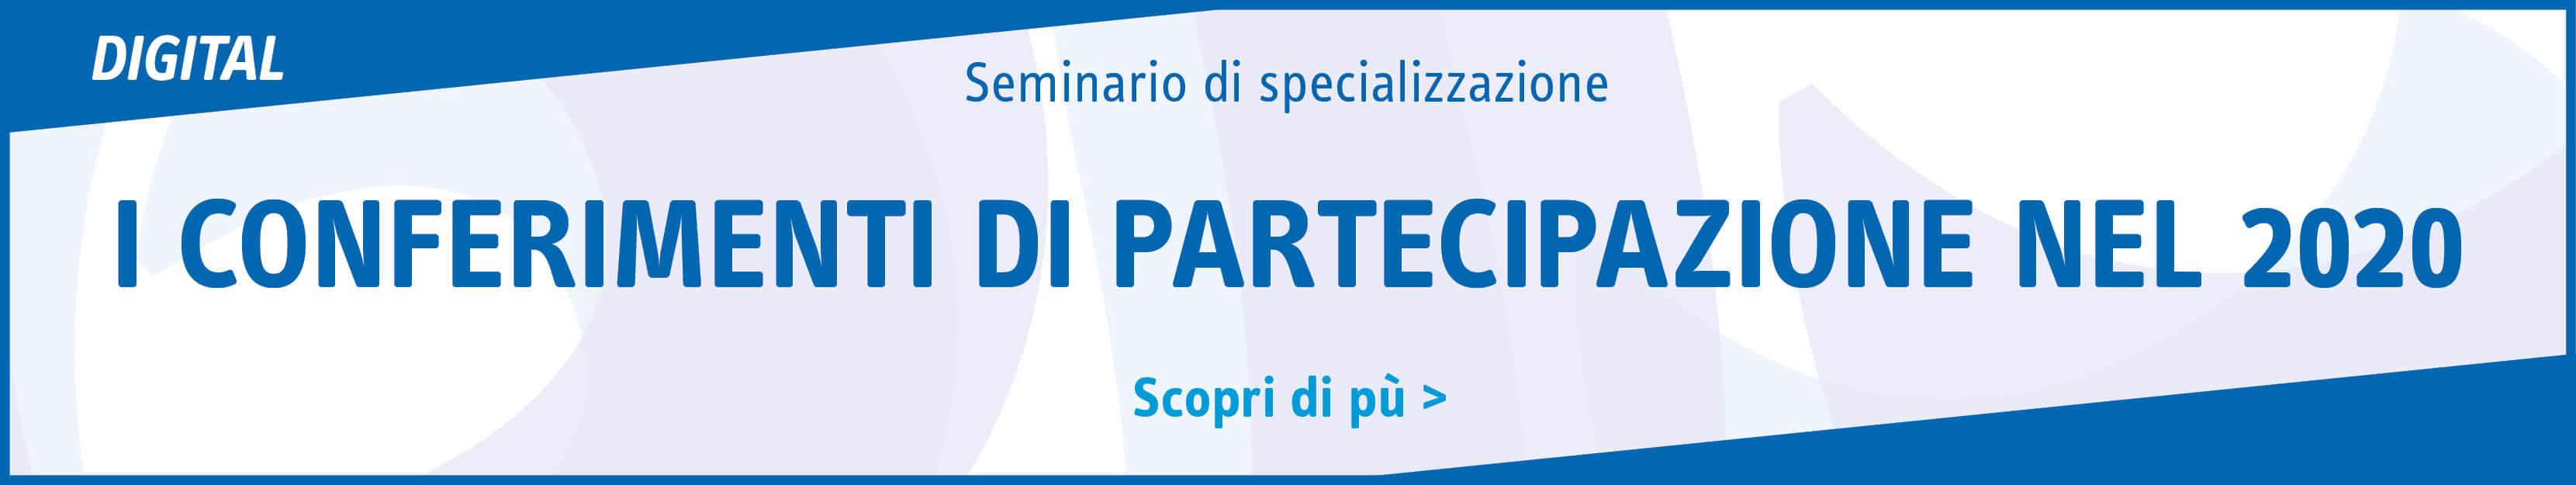 I conferimenti di partecipazione nel 2020